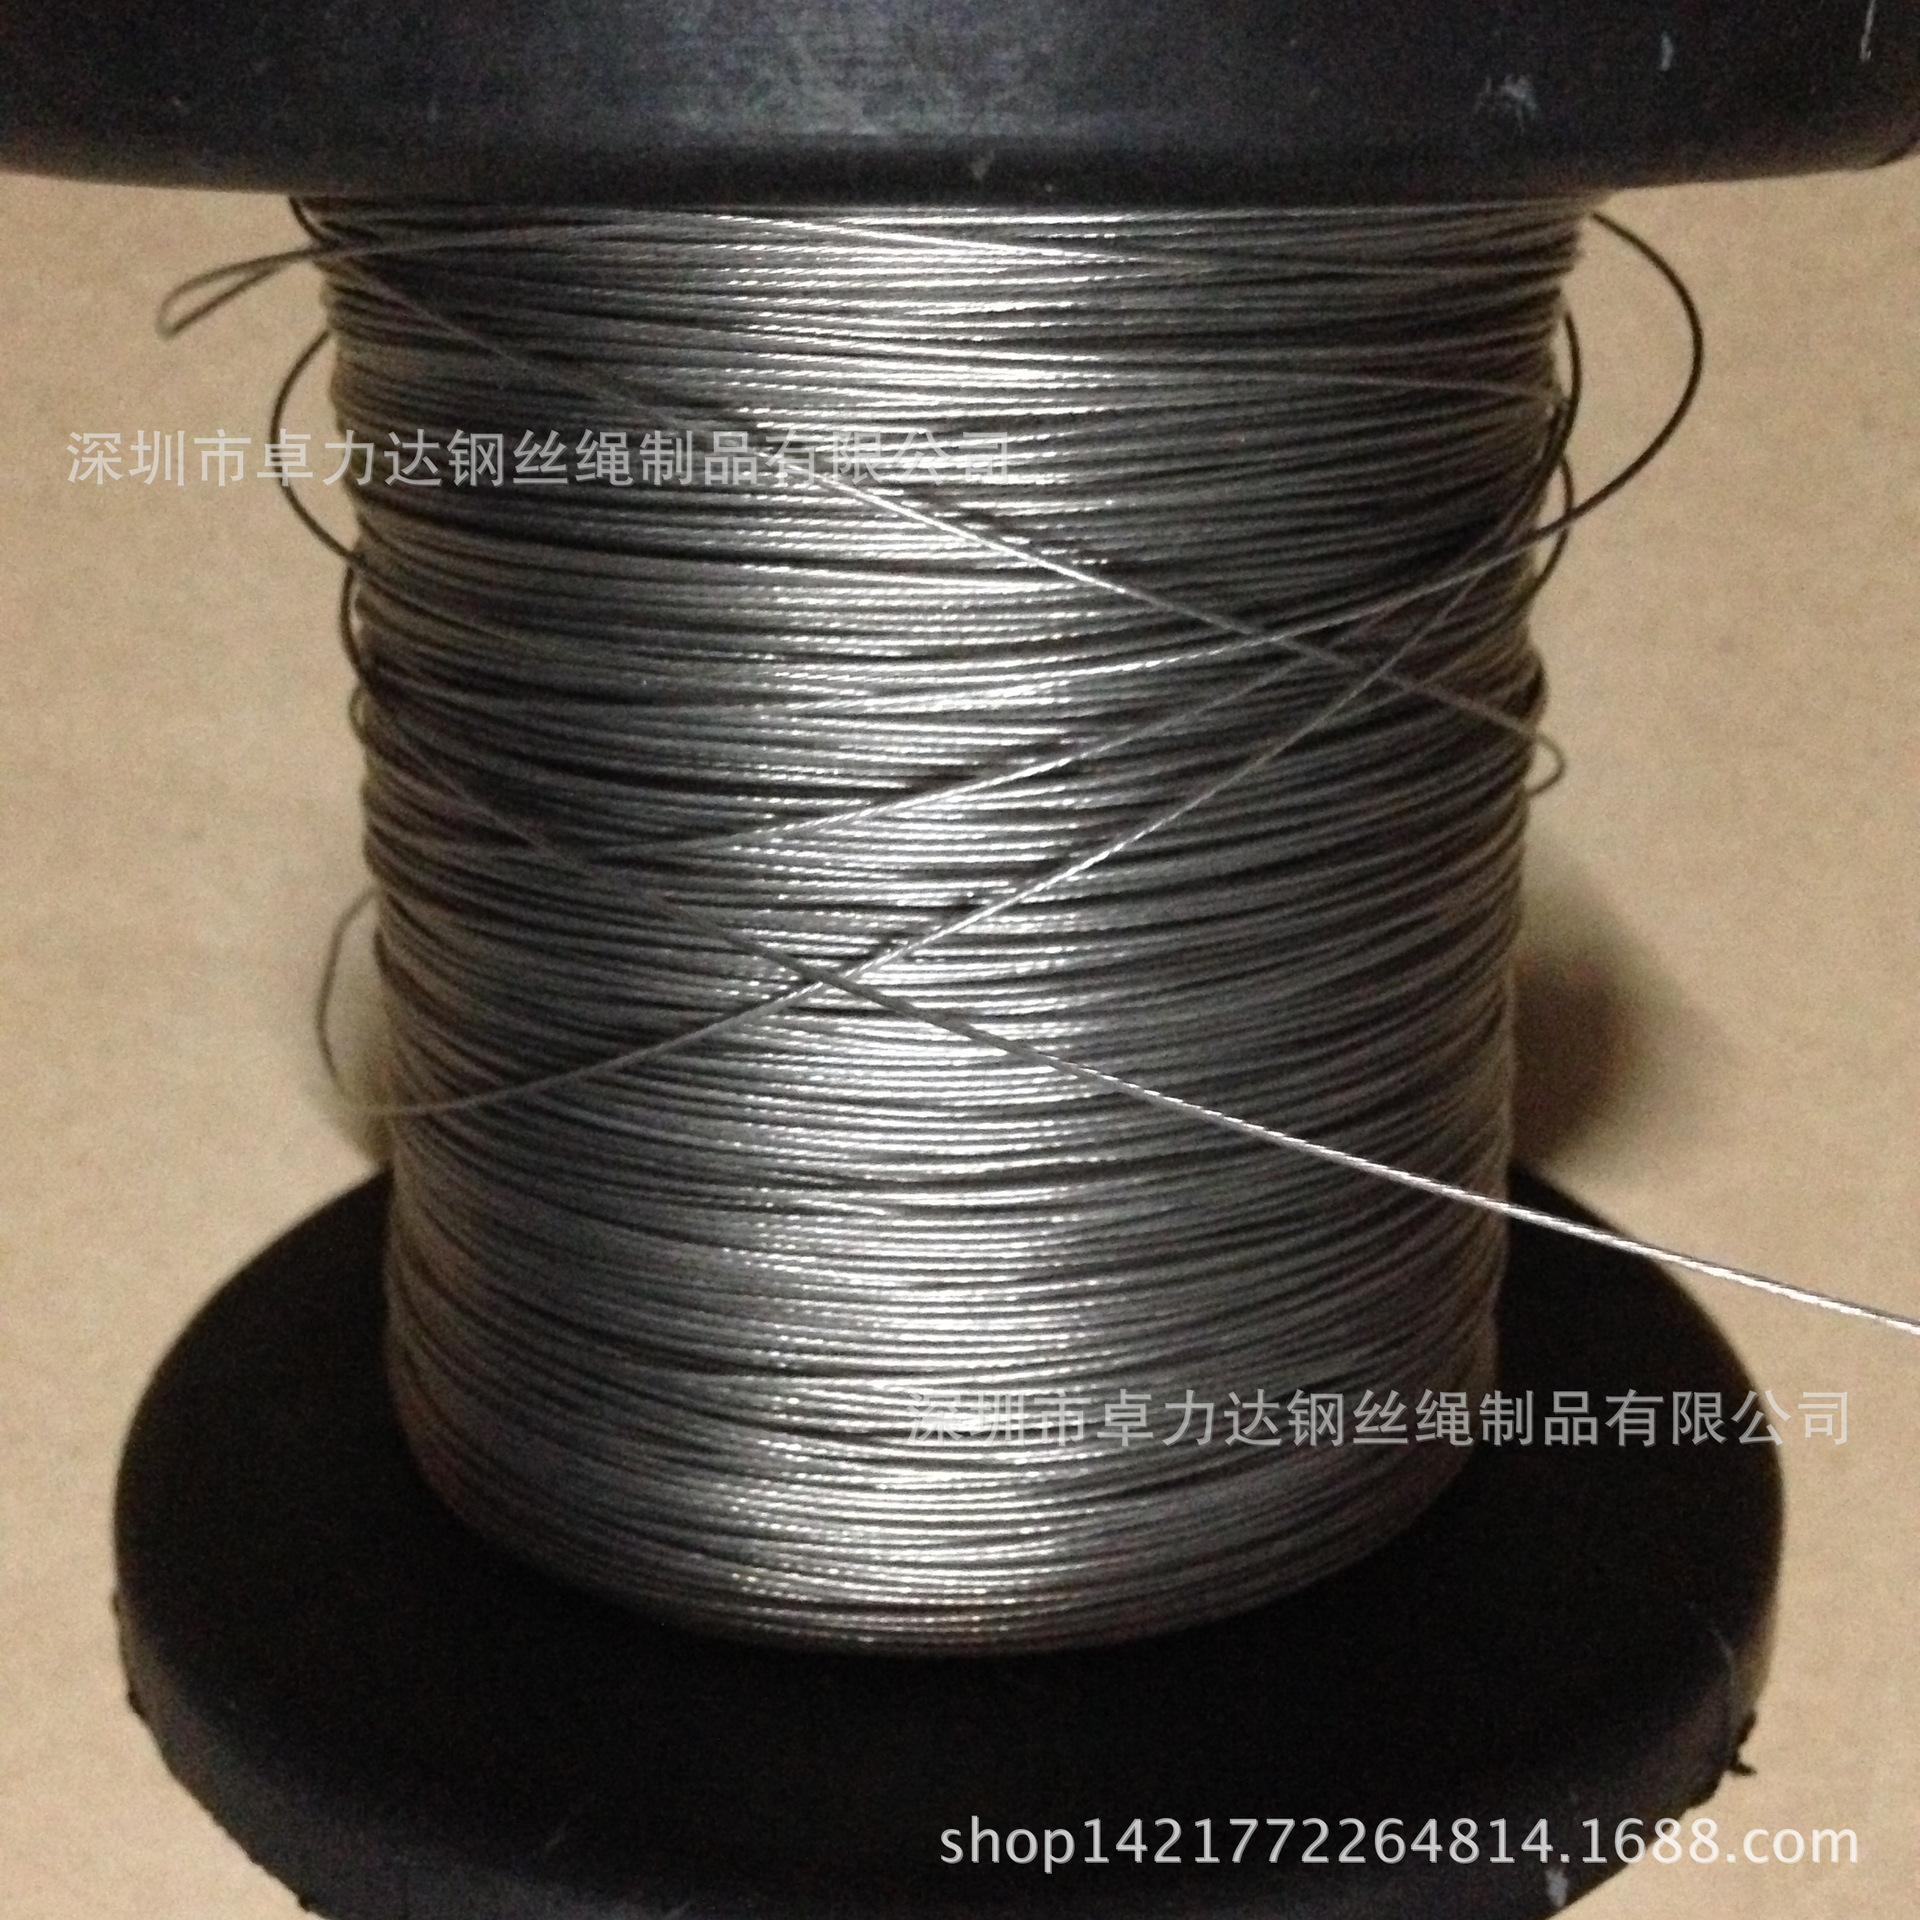 批发零售,304,316不锈钢钢丝绳,0.6MM不锈钢钢丝绳1×7结构